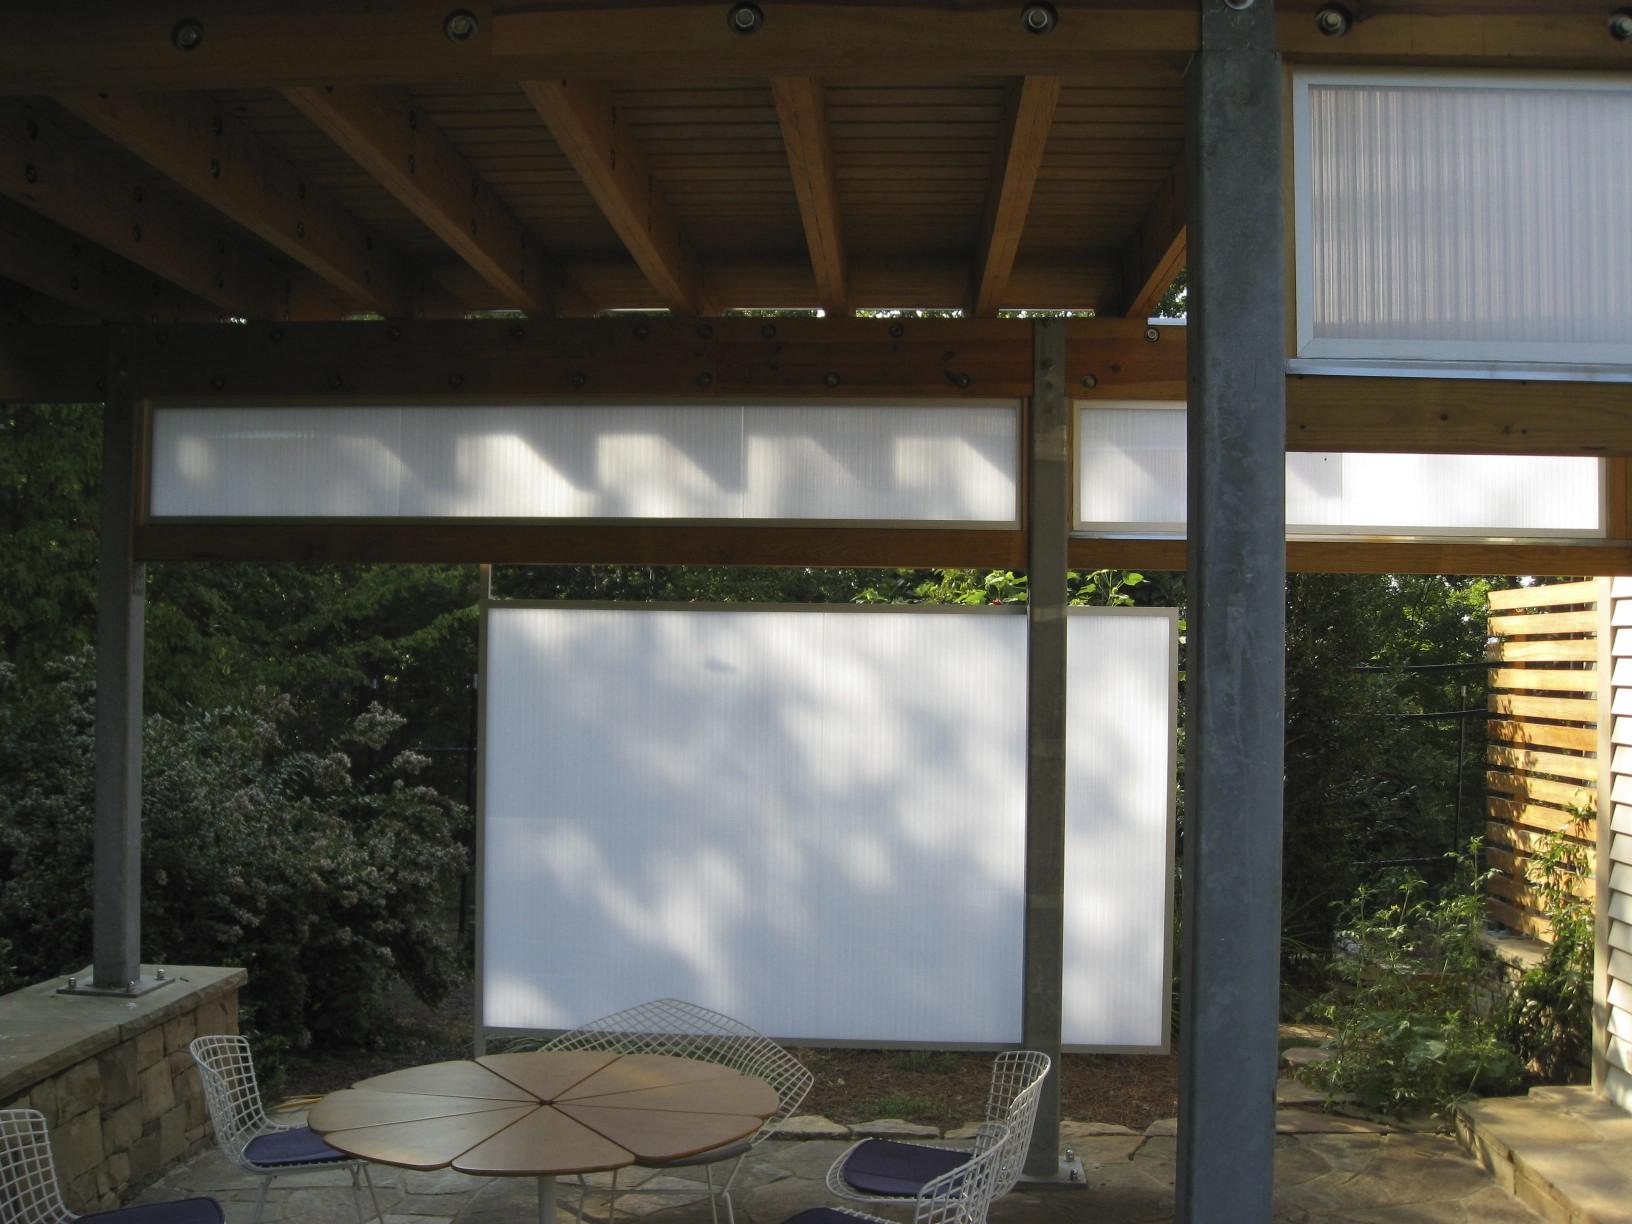 Lantern Pavilion - 5pm July